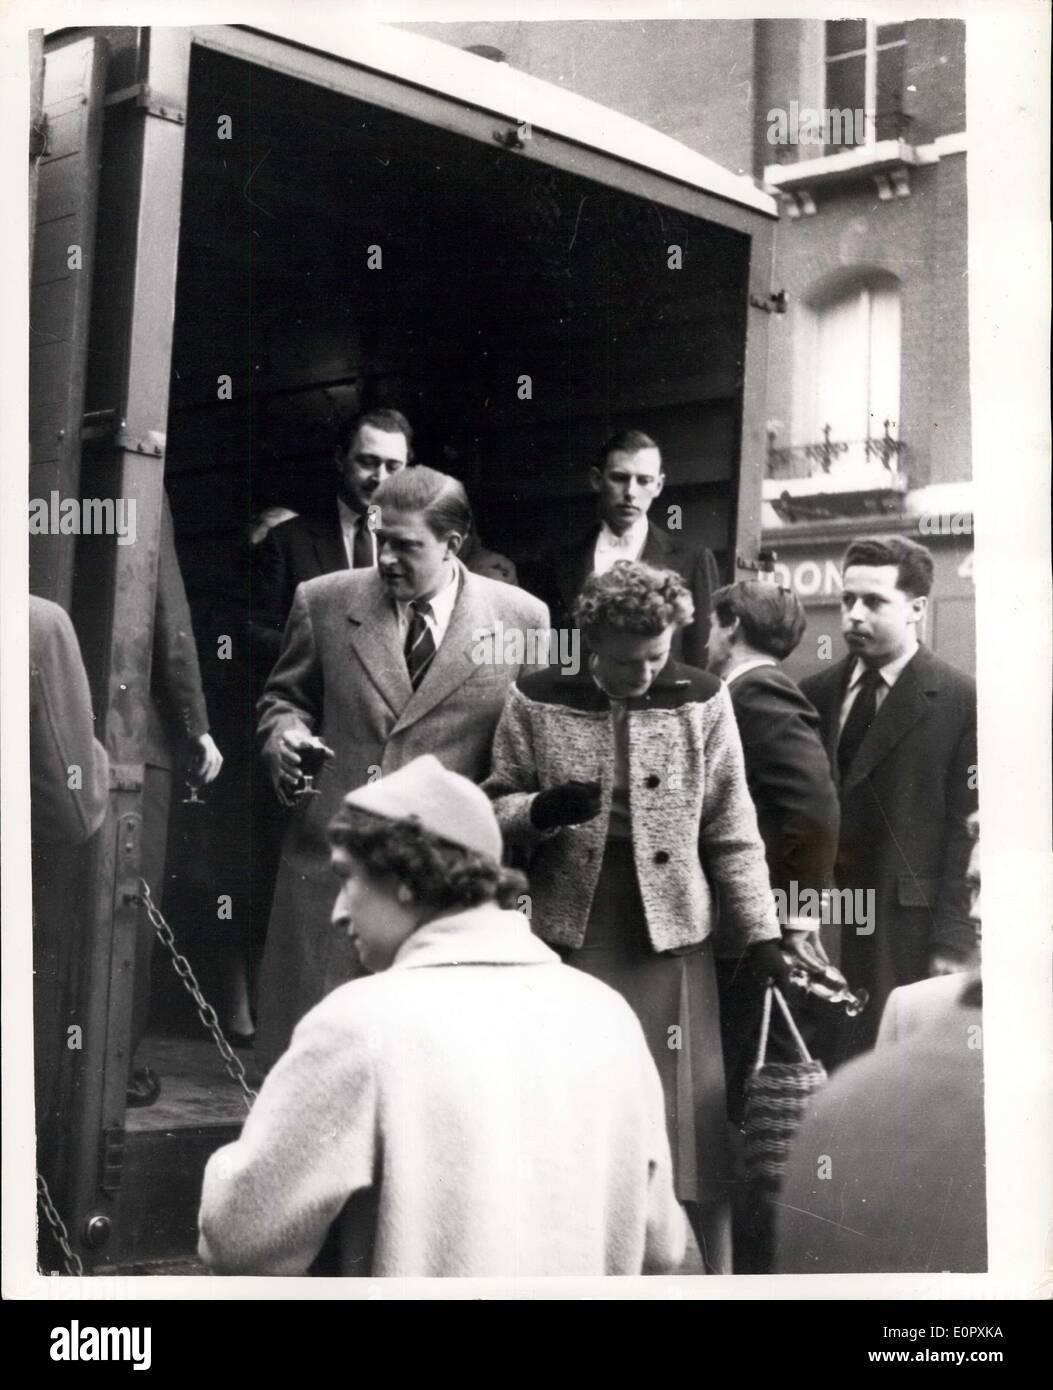 12 avril 1957 - Le cousin de la Reine va Rockin' à une fête fantastique sur une rame de métro le métro smart set est allé hier soir et secoue sans arrêt autour du cercle intérieur route de Charing Cross à Charing Cross. Il skiffled et bercé leur voie par Euston, Kings Cross, Farringdon, et Edgware road,-et le prix de la tour ronde a été deux shillings. C'est ce que chacune des 75 personnes - y compris le cousin de la Reine, l'honorable Gerald Lascelles, payé leurs billets Photo Stock